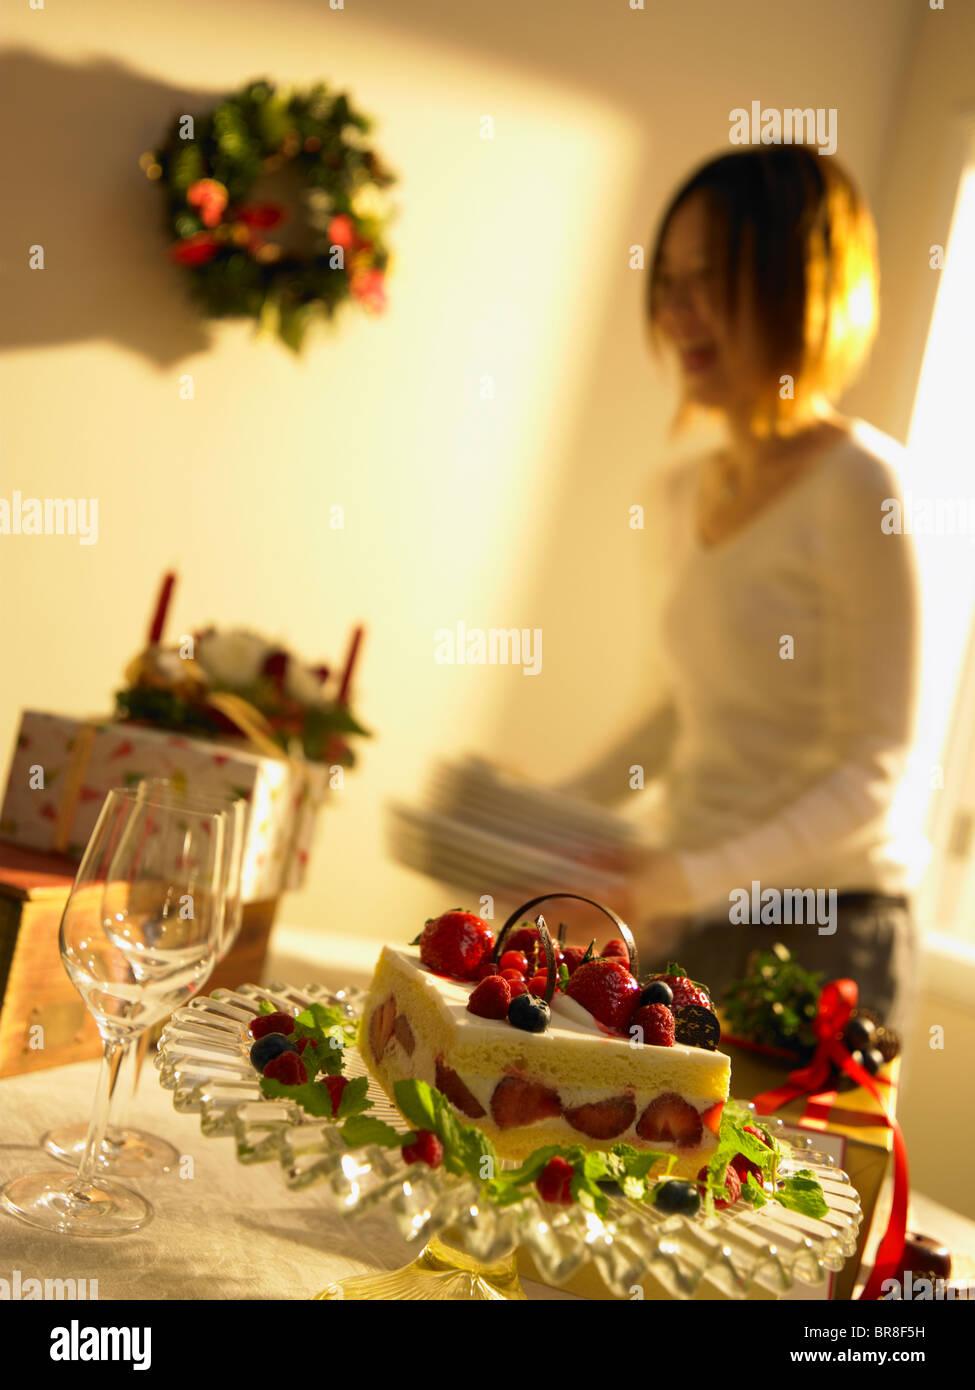 Gâteau de Noël sur la table, woman holding les plaques à l'arrière-plan, blurred motion Banque D'Images